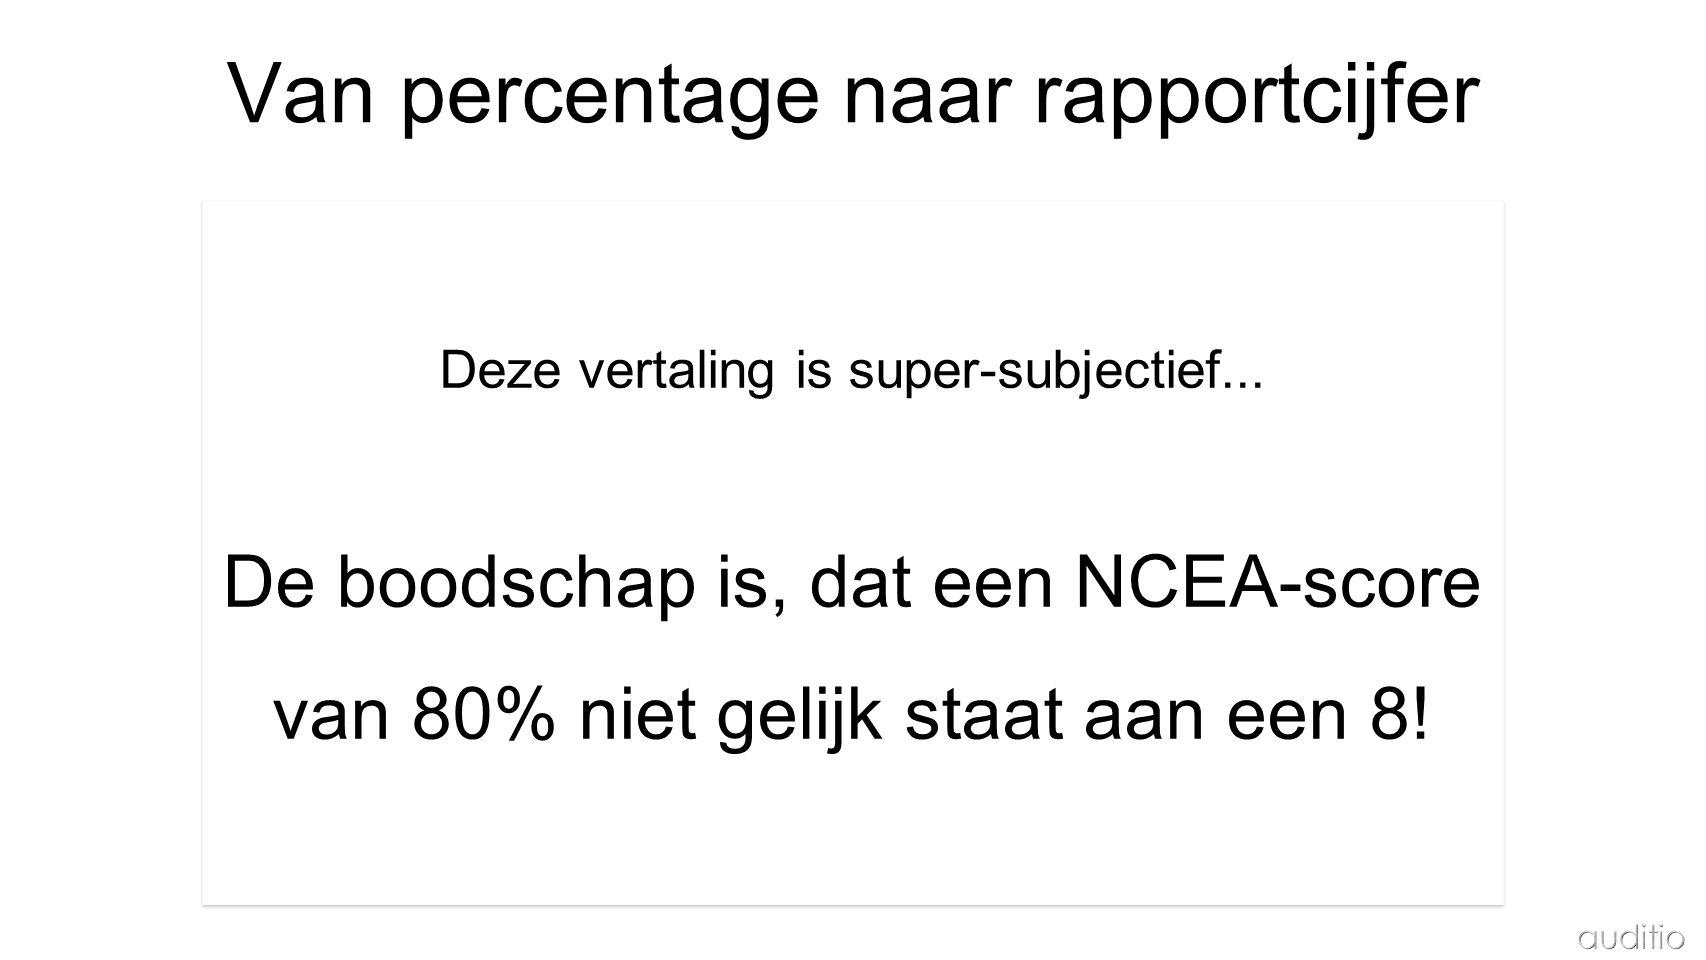 Van percentage naar rapportcijfer